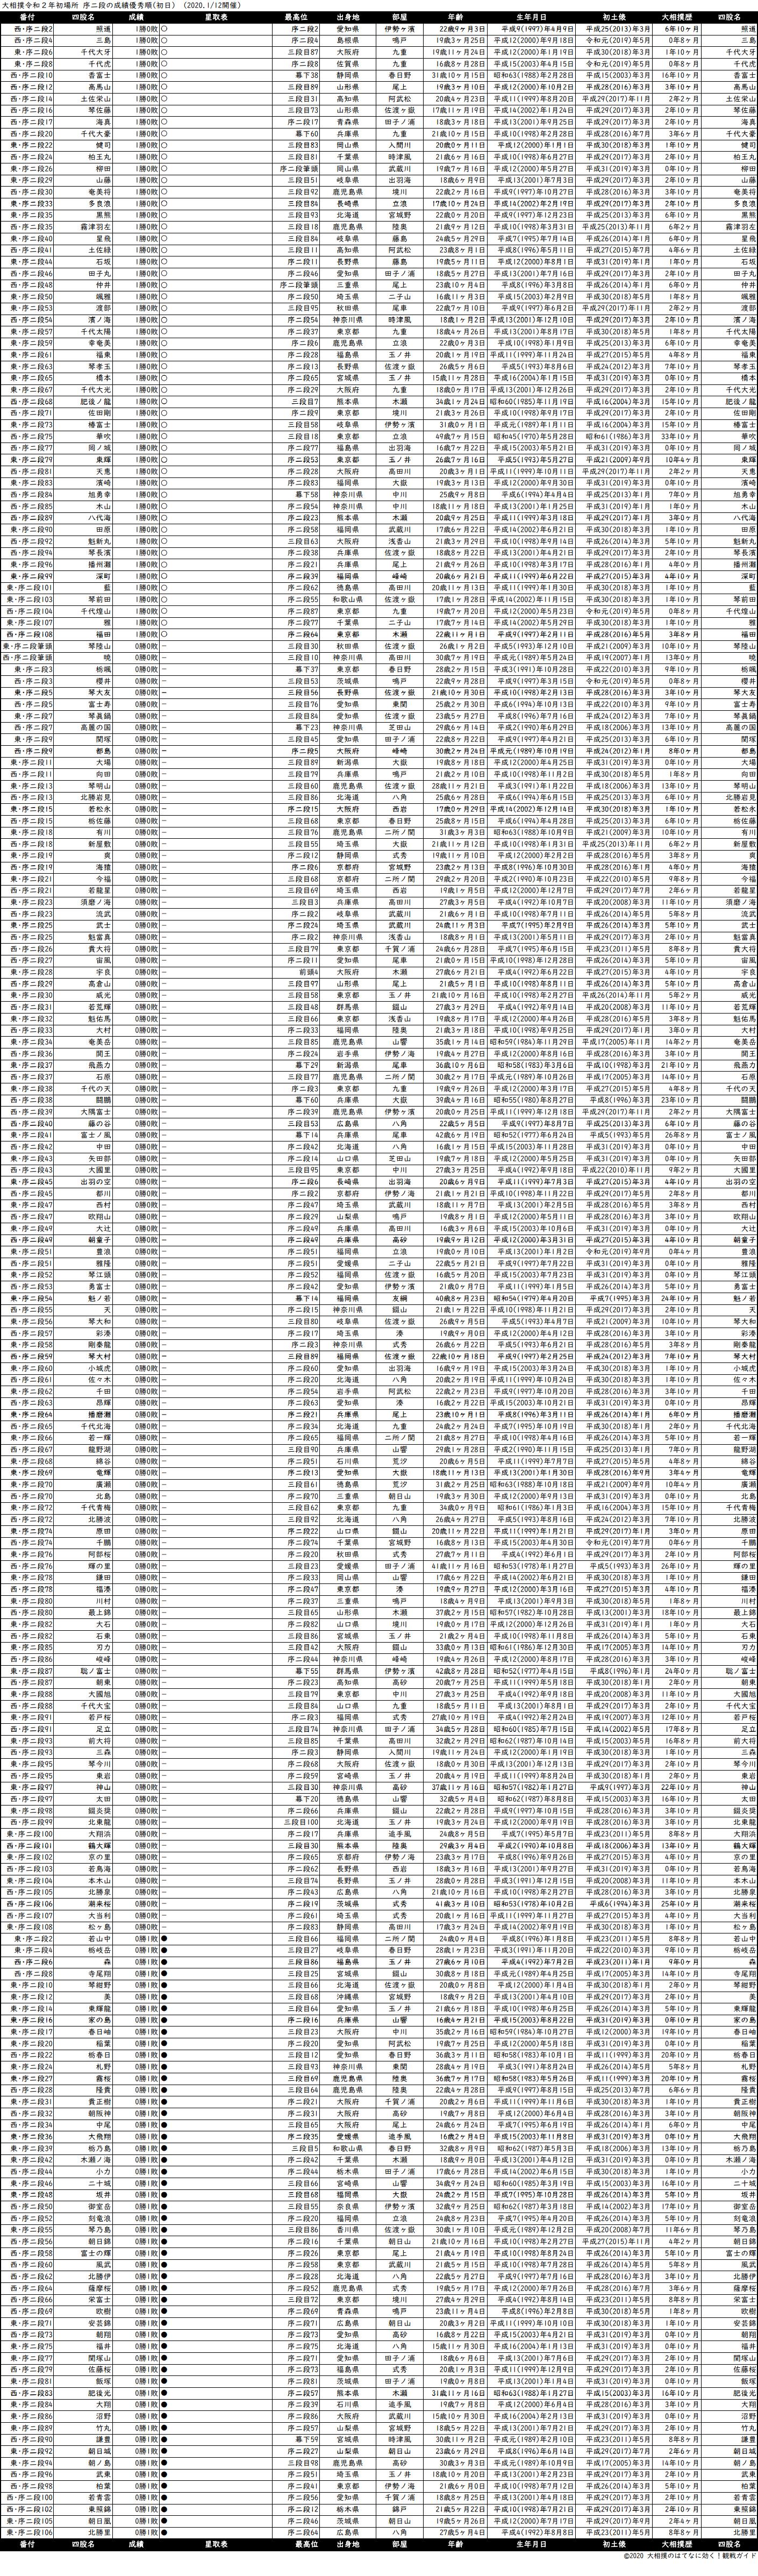 序二段成績順一覧表・2020年1月場所初日